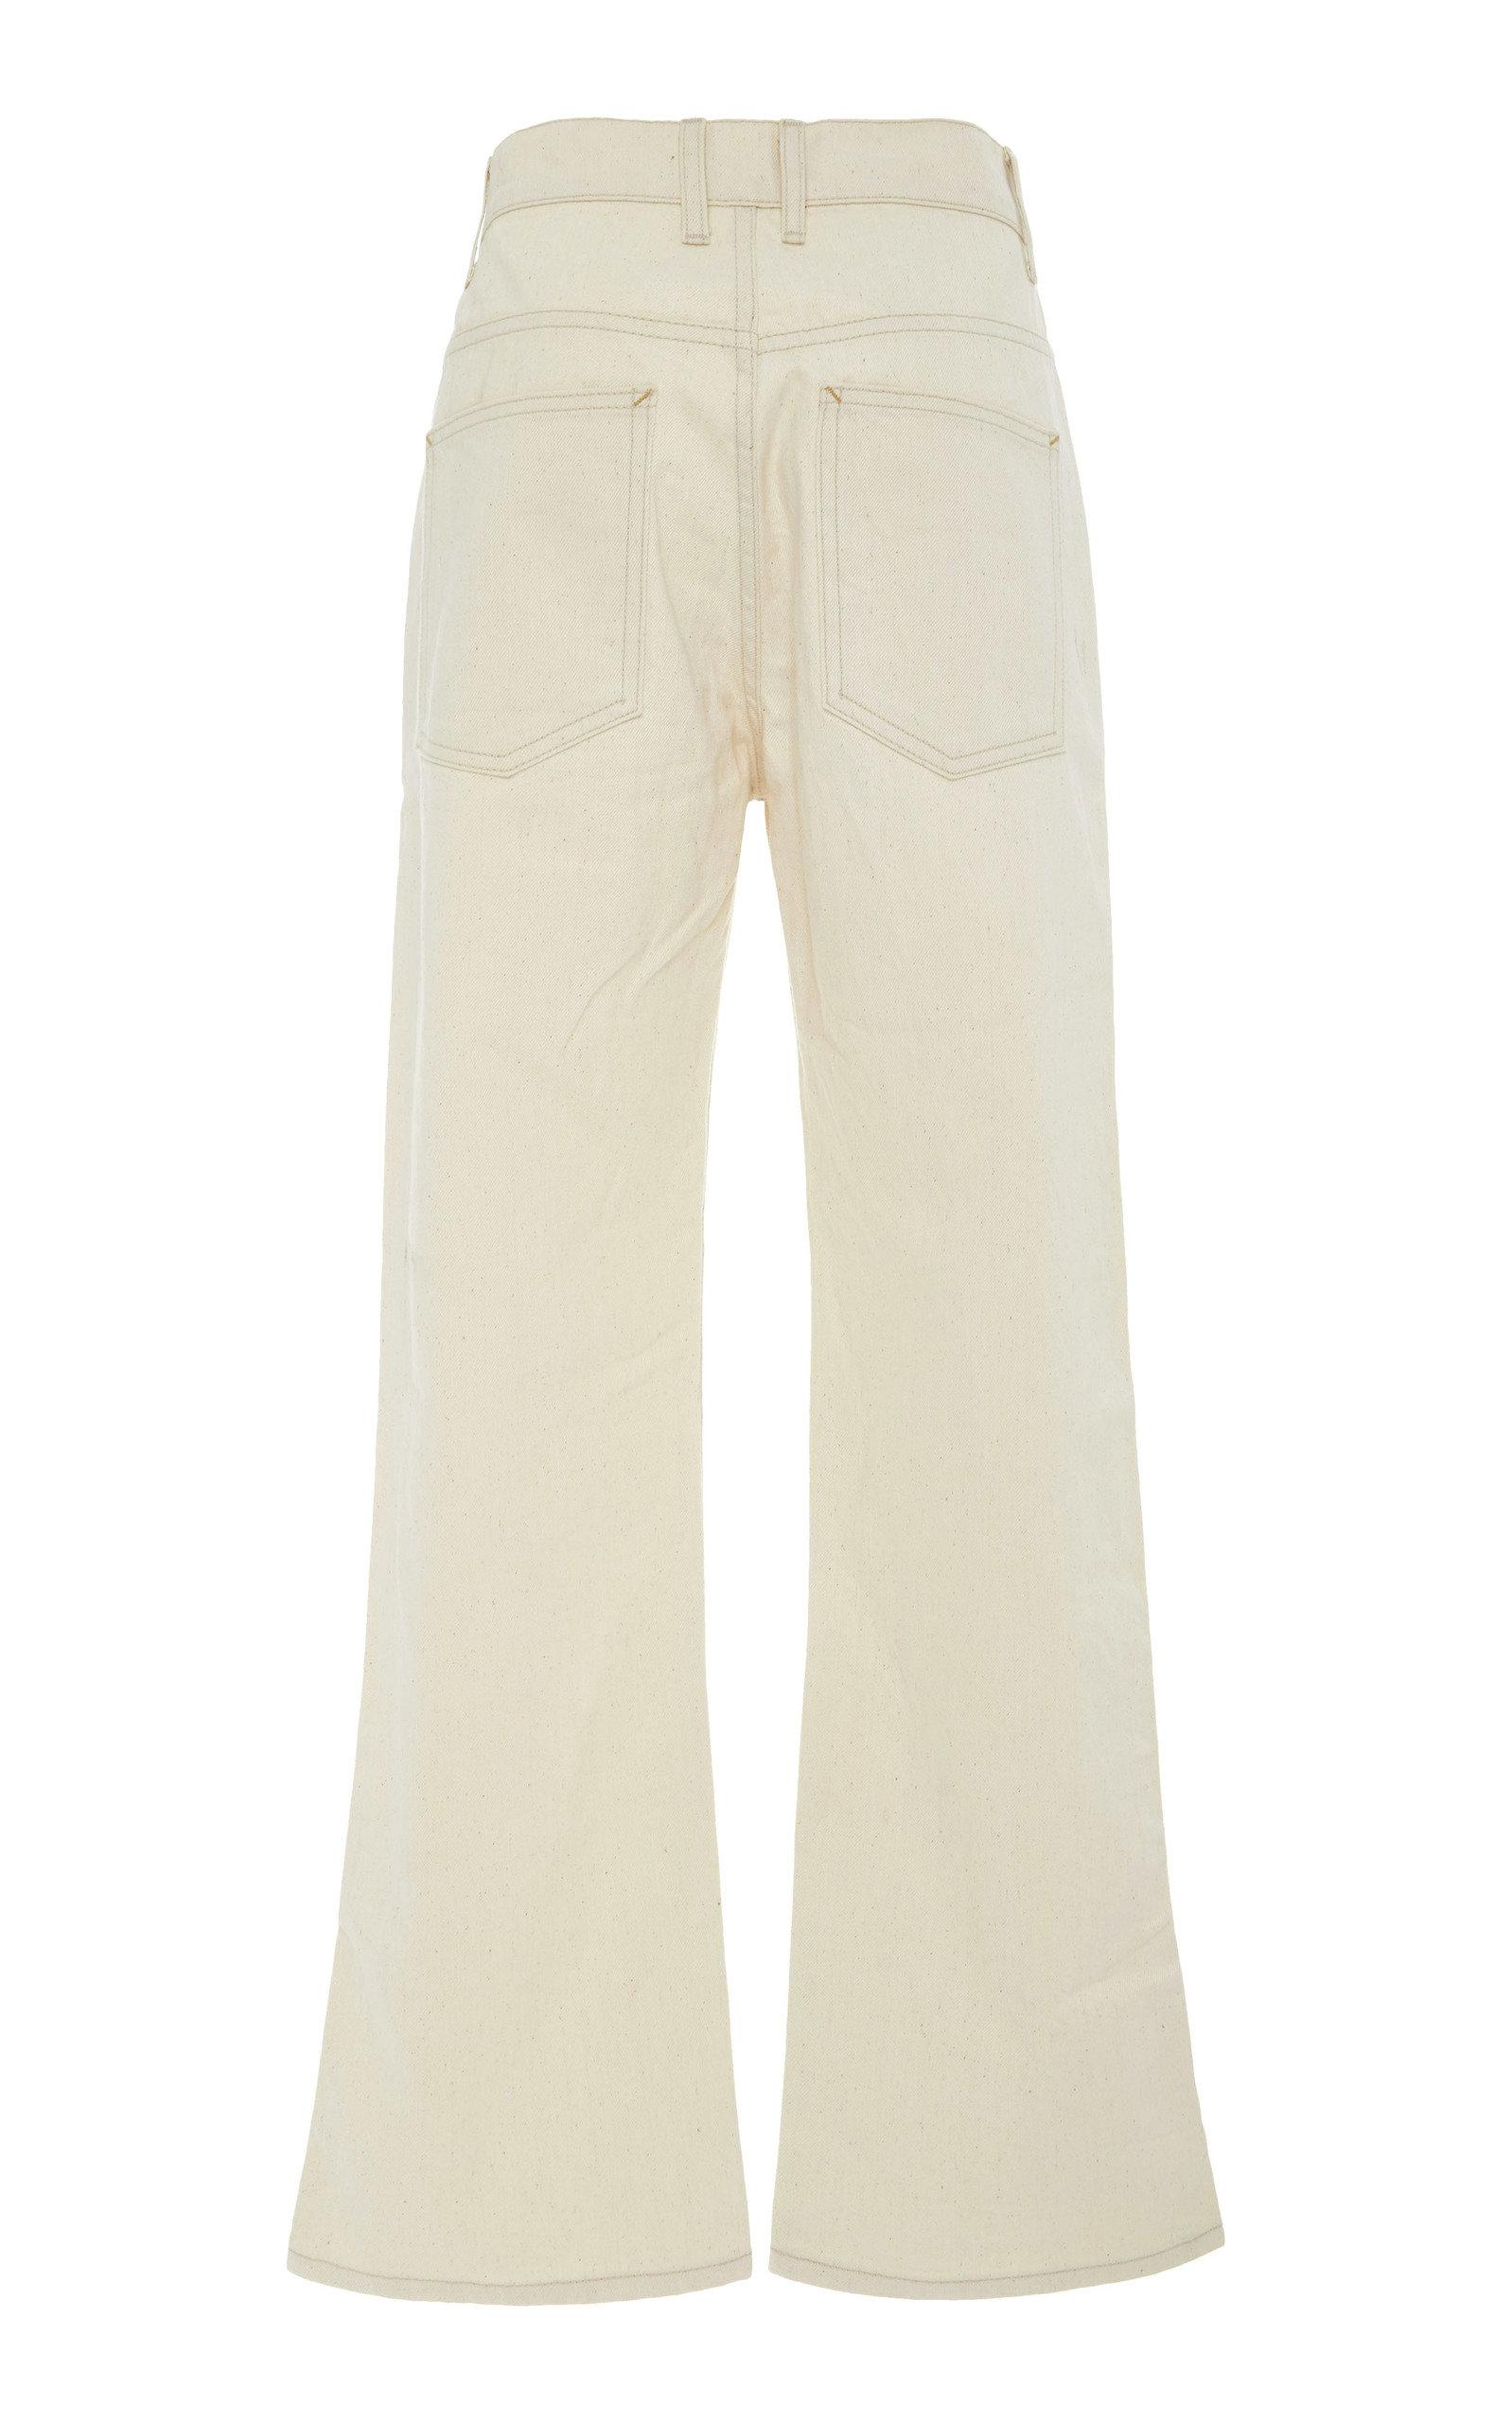 291ead6605 Plein High-Rise Straight-Leg Jeans